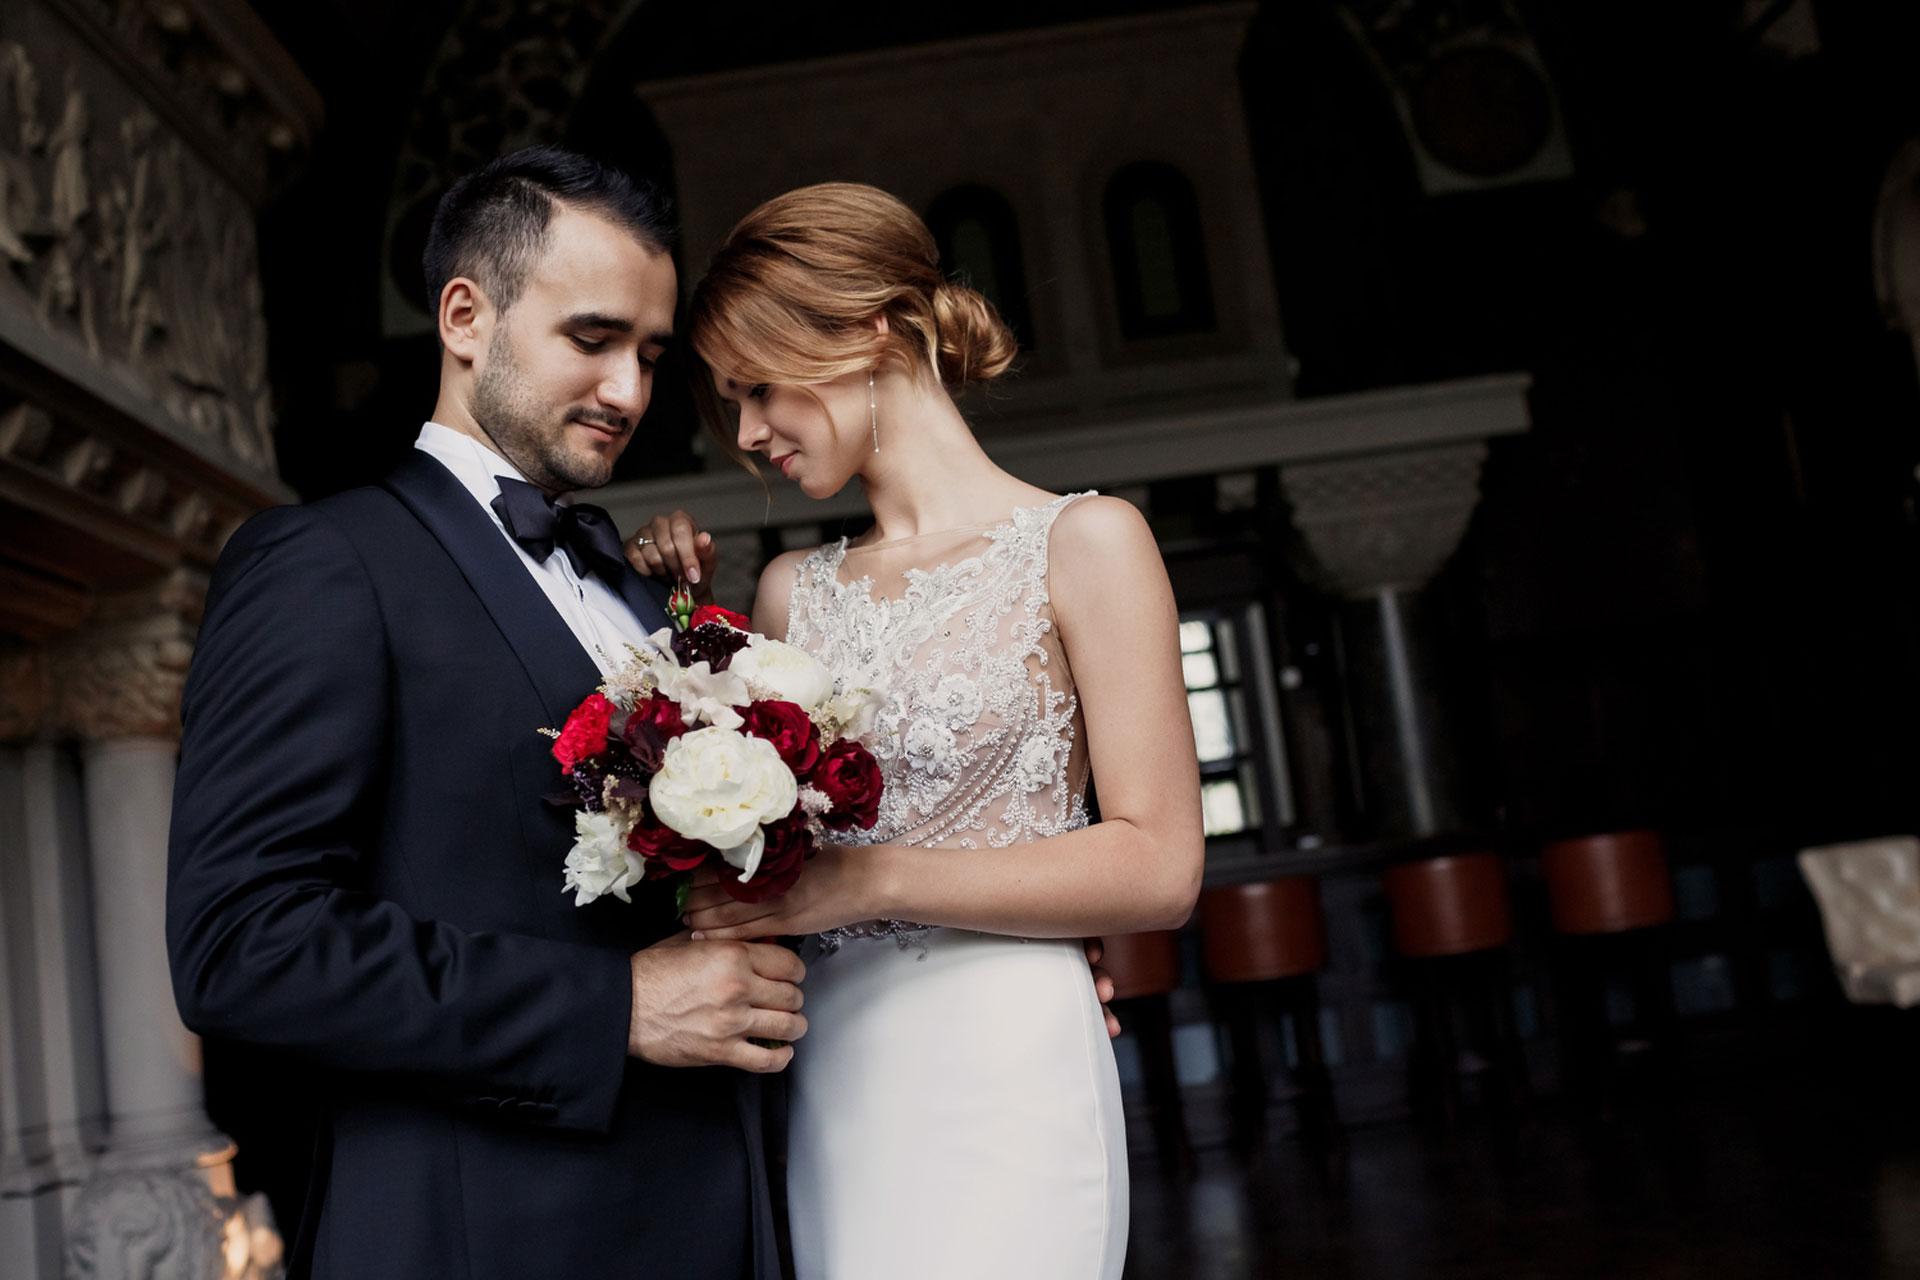 В цвете марсала. Свадьба Тимура и Екатерины